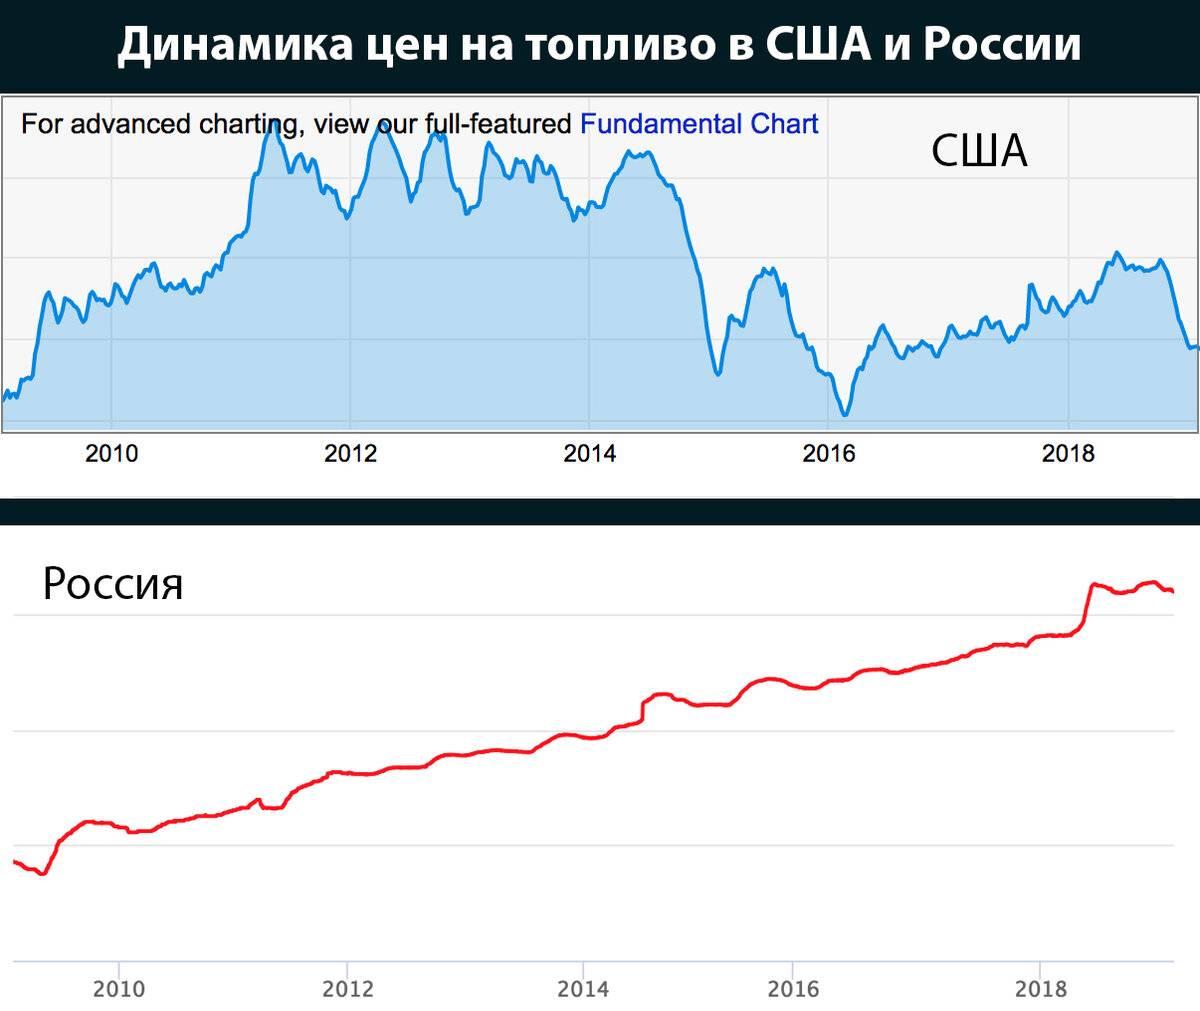 Сколько стоит бензин в сша сегодня? заморские цены в рублях по курсу 2018 года